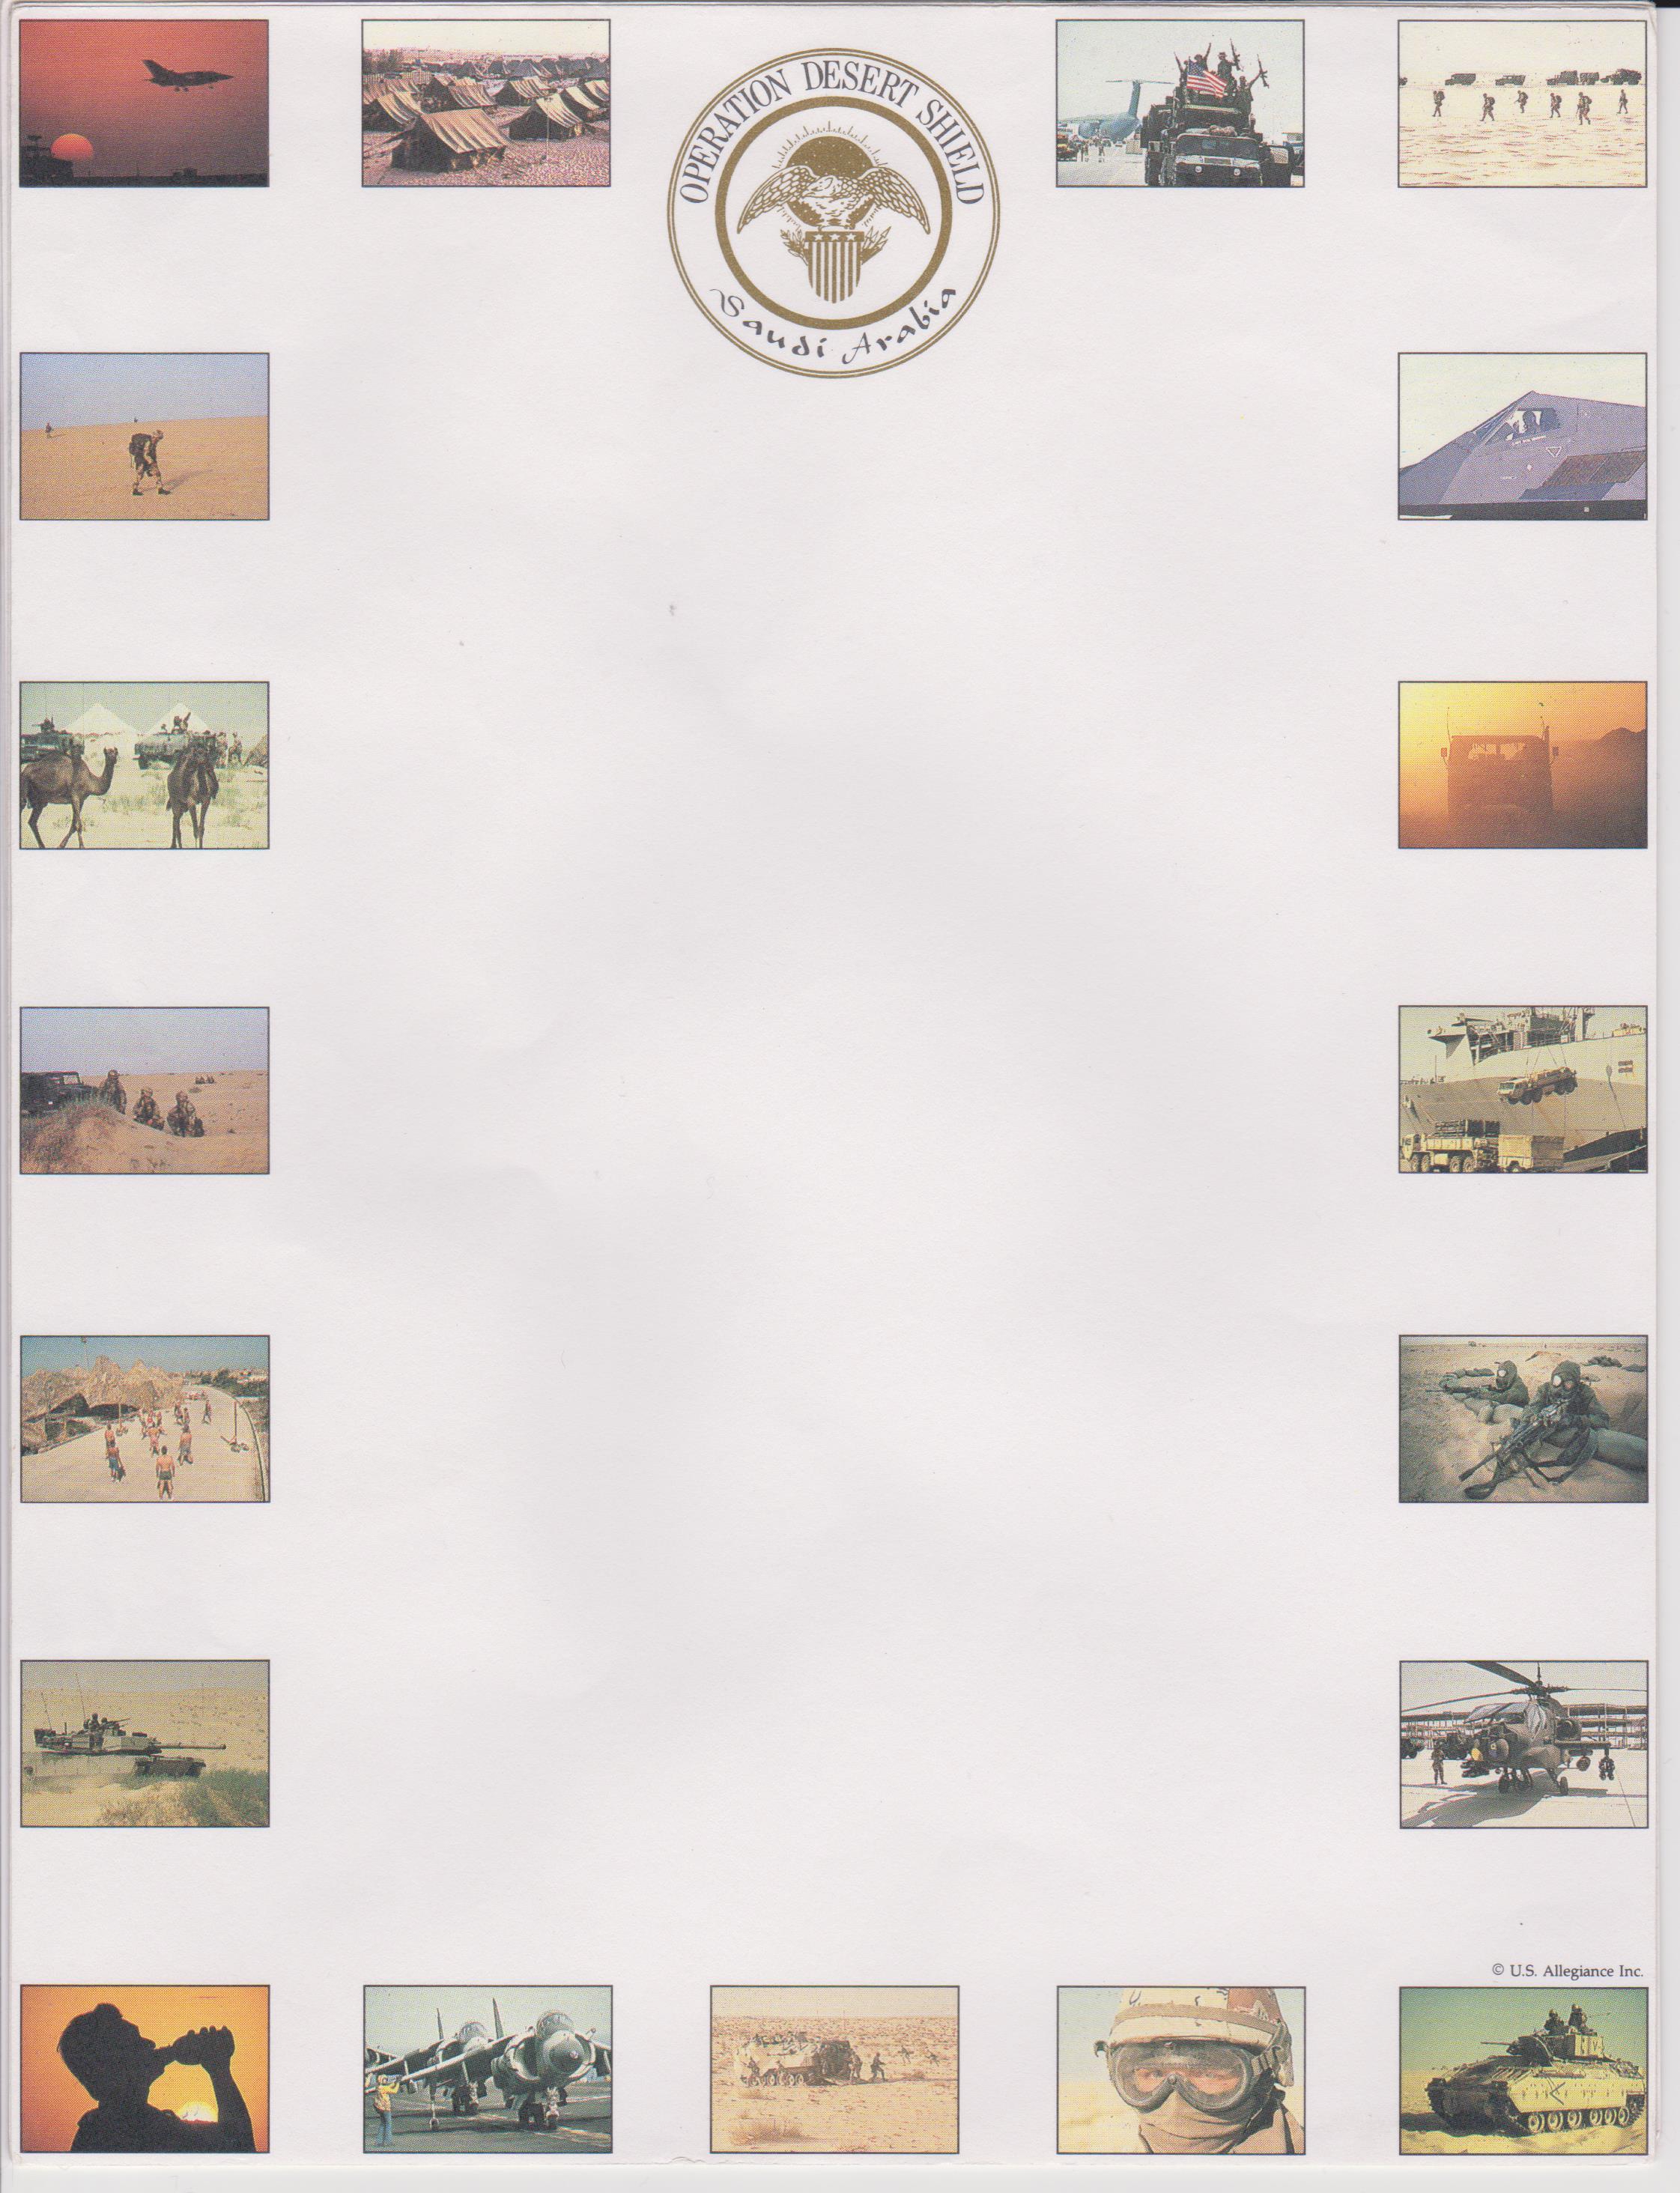 Desert Storm note paper 001.jpg